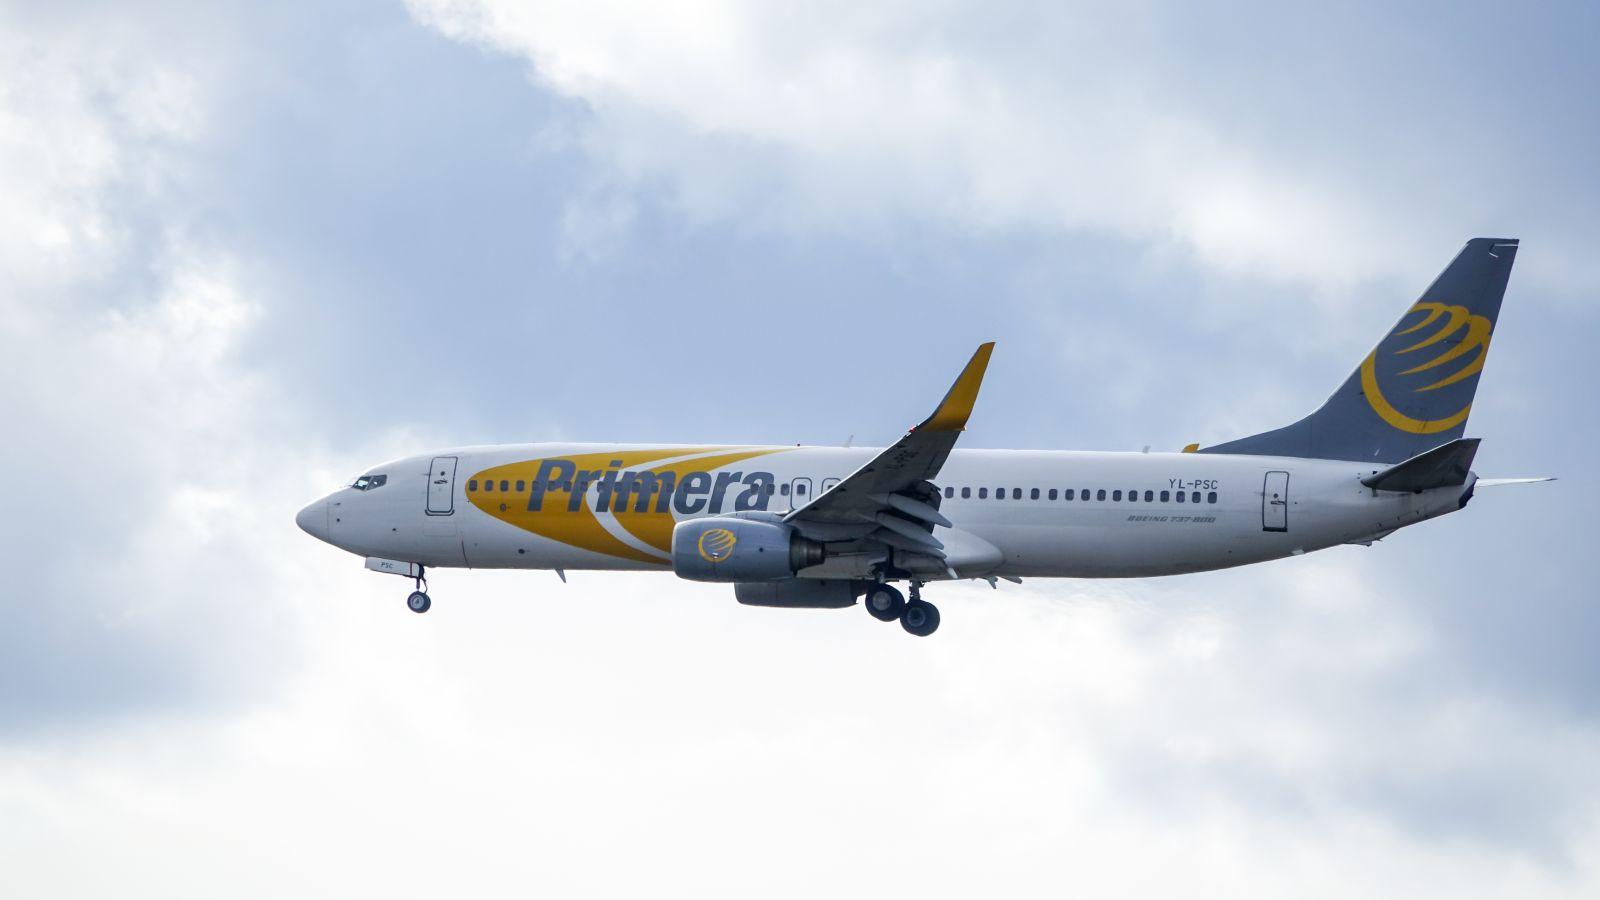 Nun kündigt sich eine neue Möglichkeit an, um von Berlin aus in die USA zu reisen. Denn ab Anfang Juni 2019 will die lettische Primera Air Nordic zwei ihrer Maschinen am Berliner Flughafen Tegel stationieren.